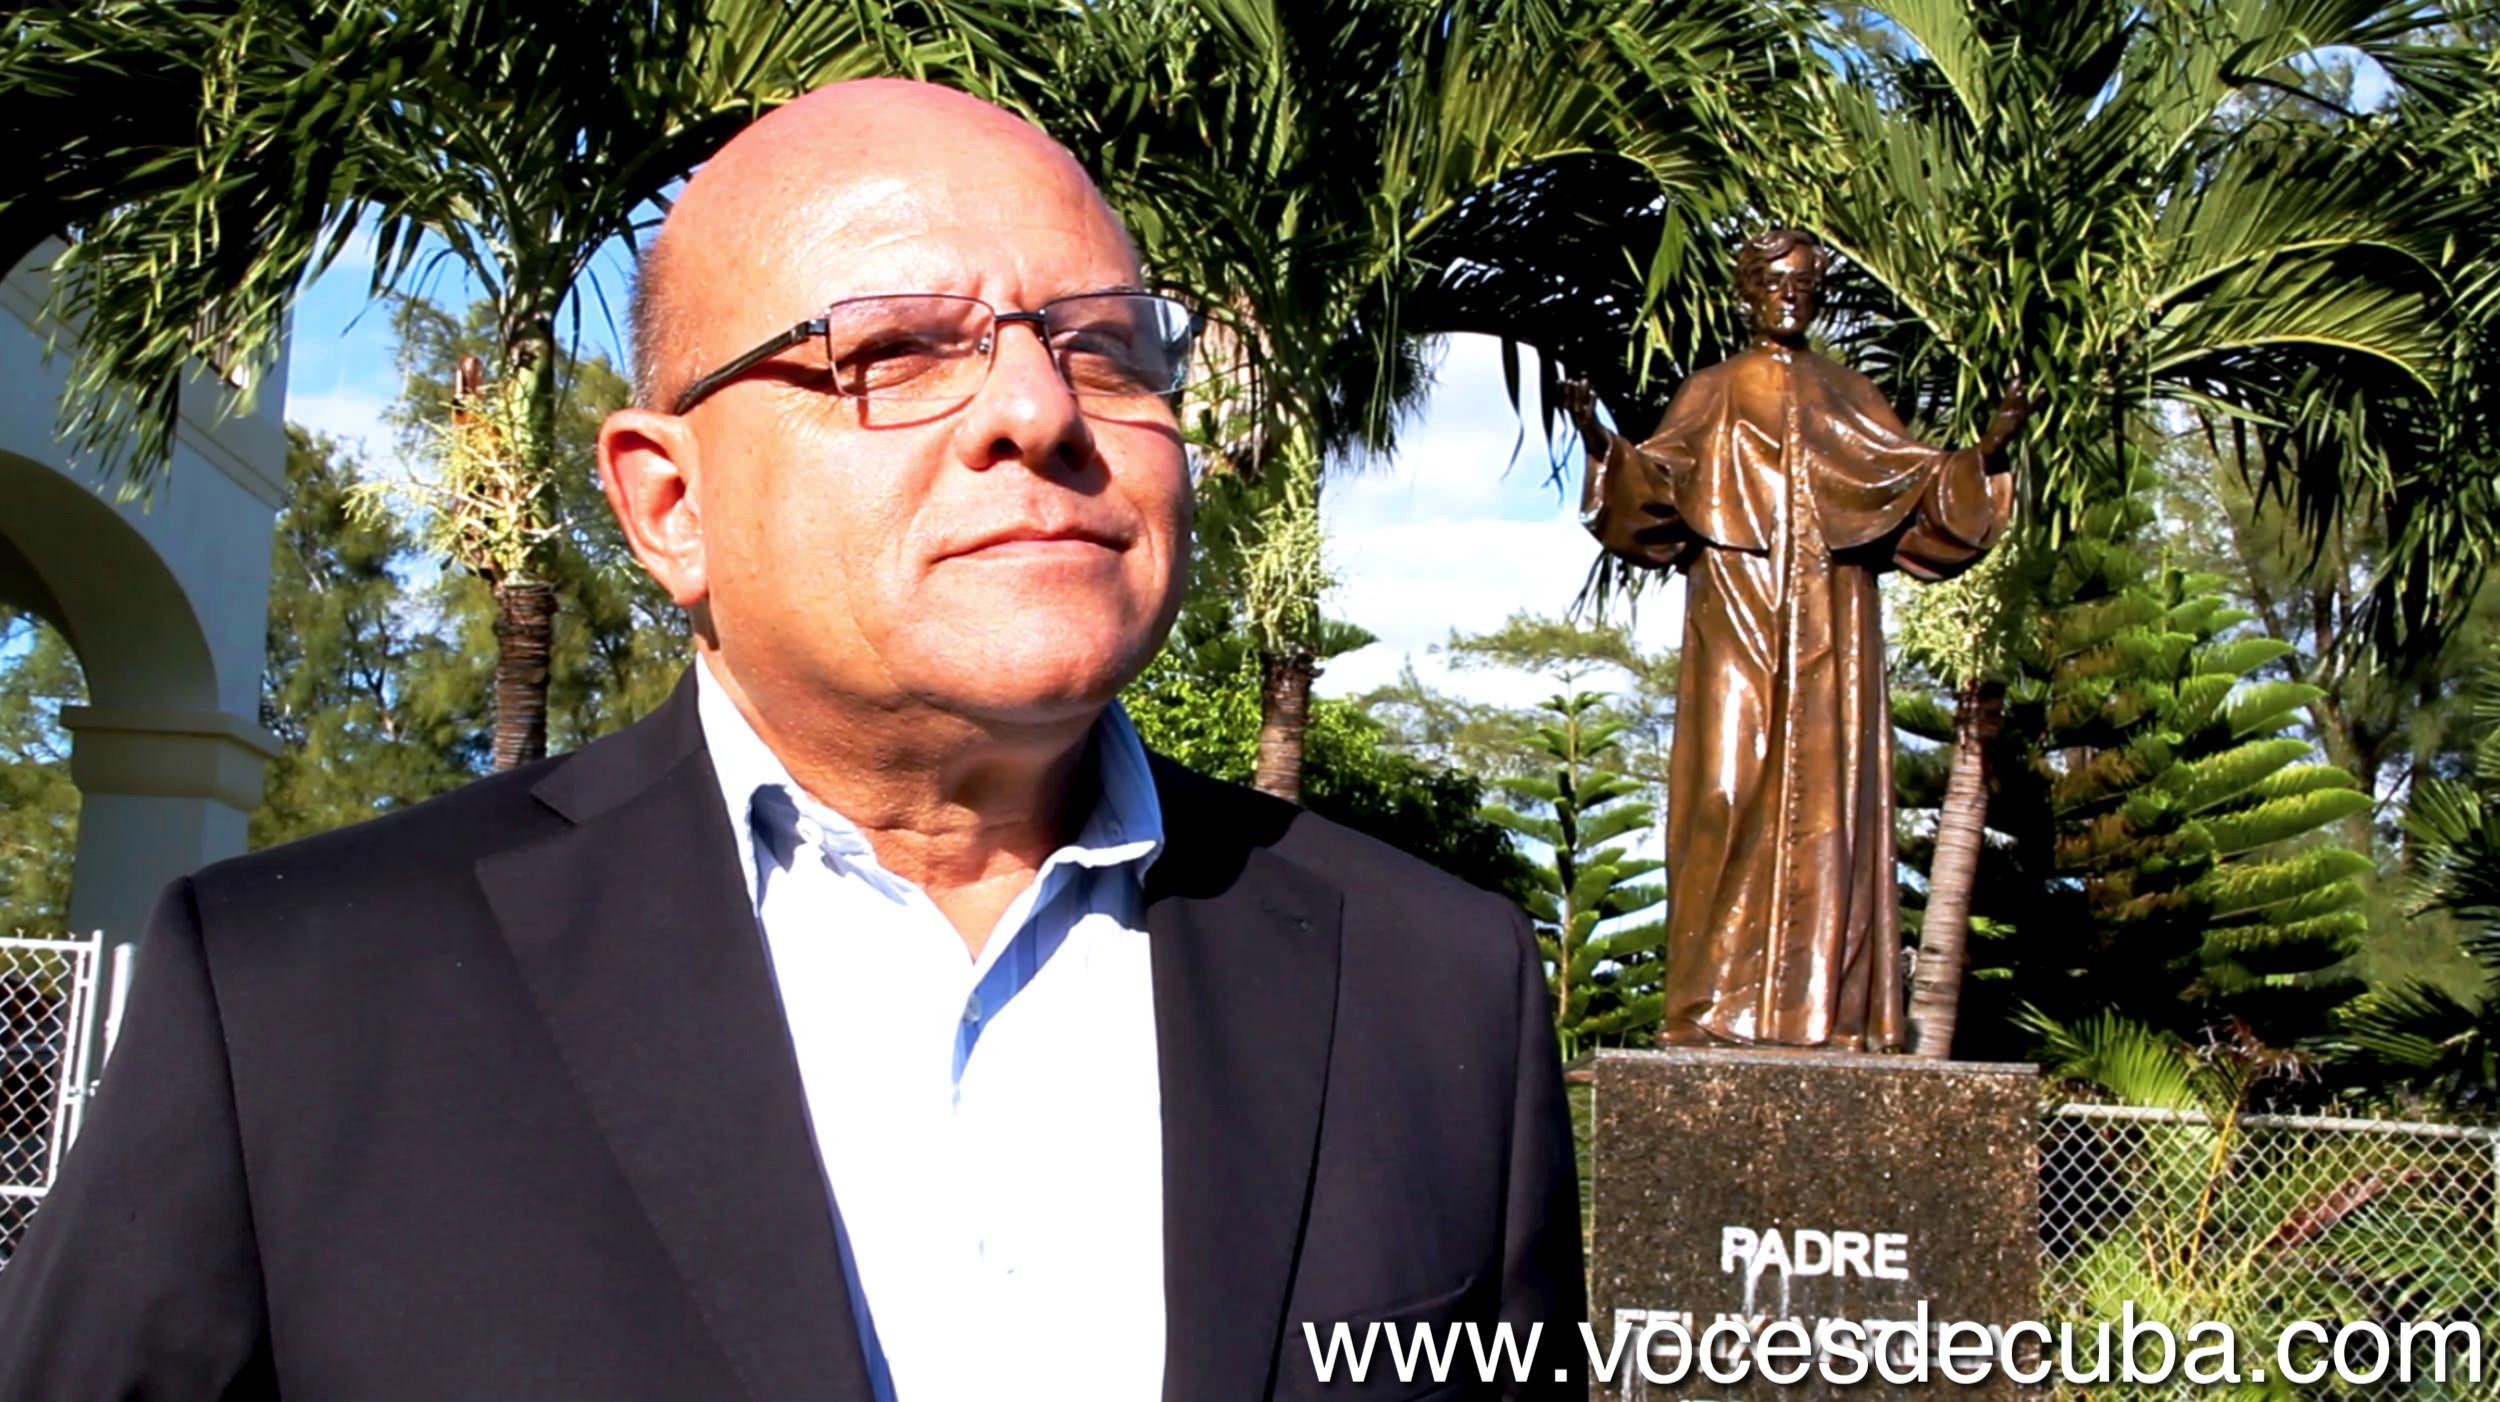 """Dagoberto Valdés durante el rodaje de """"Voces de Cuba"""""""